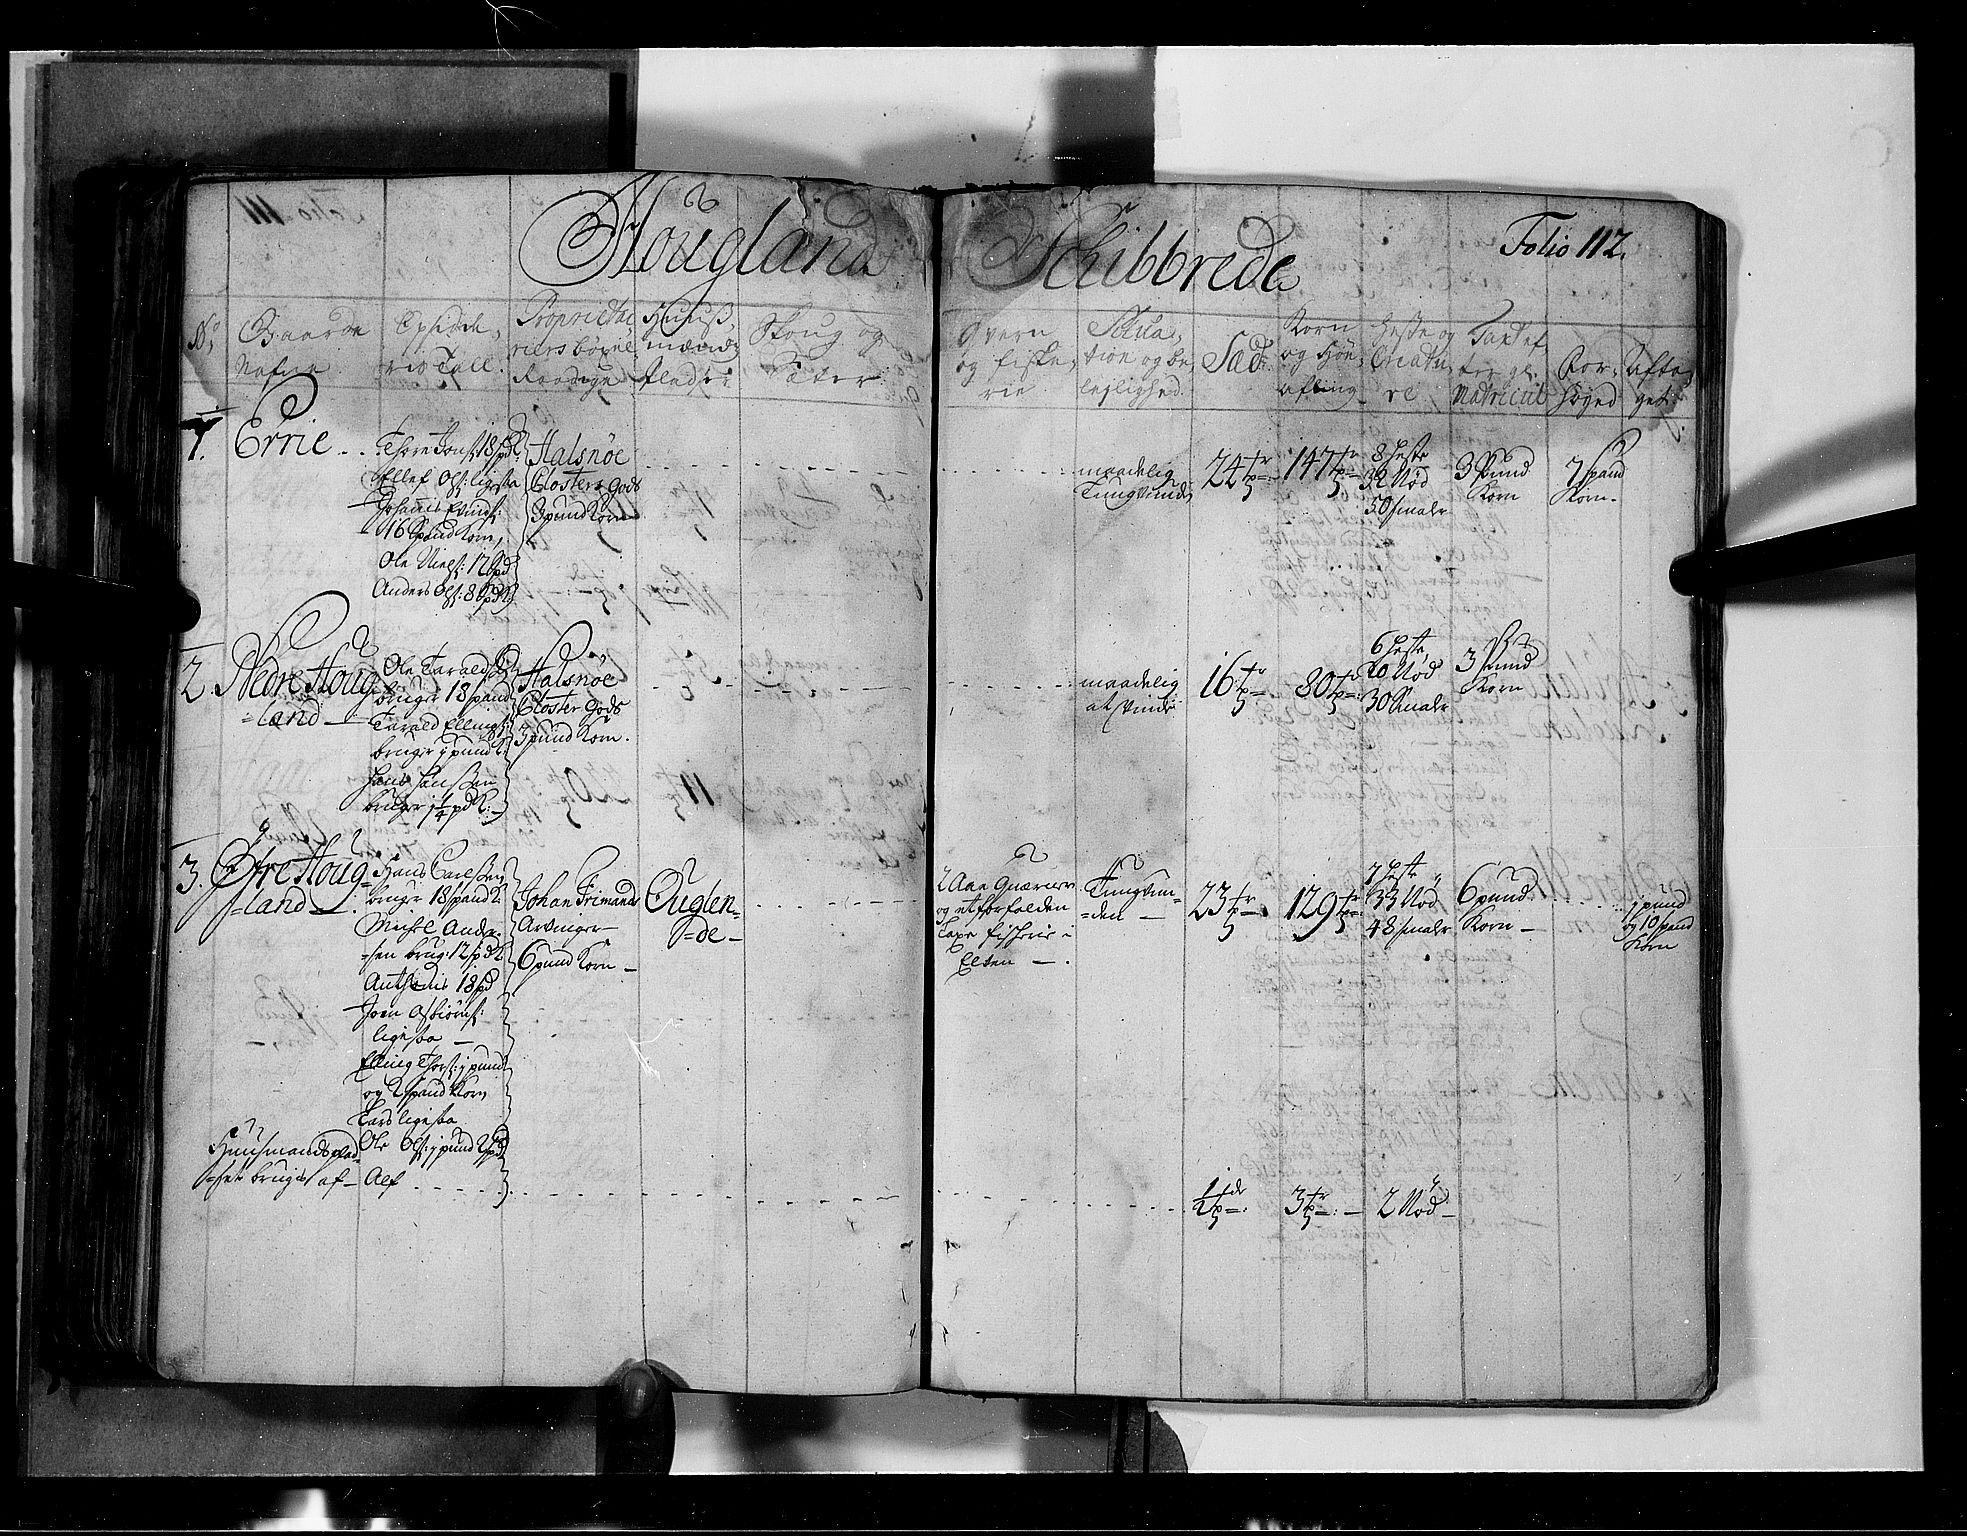 RA, Rentekammeret inntil 1814, Realistisk ordnet avdeling, N/Nb/Nbf/L0131: Jæren og Dalane eksaminasjonsprotokoll, 1723, s. 111b-112a